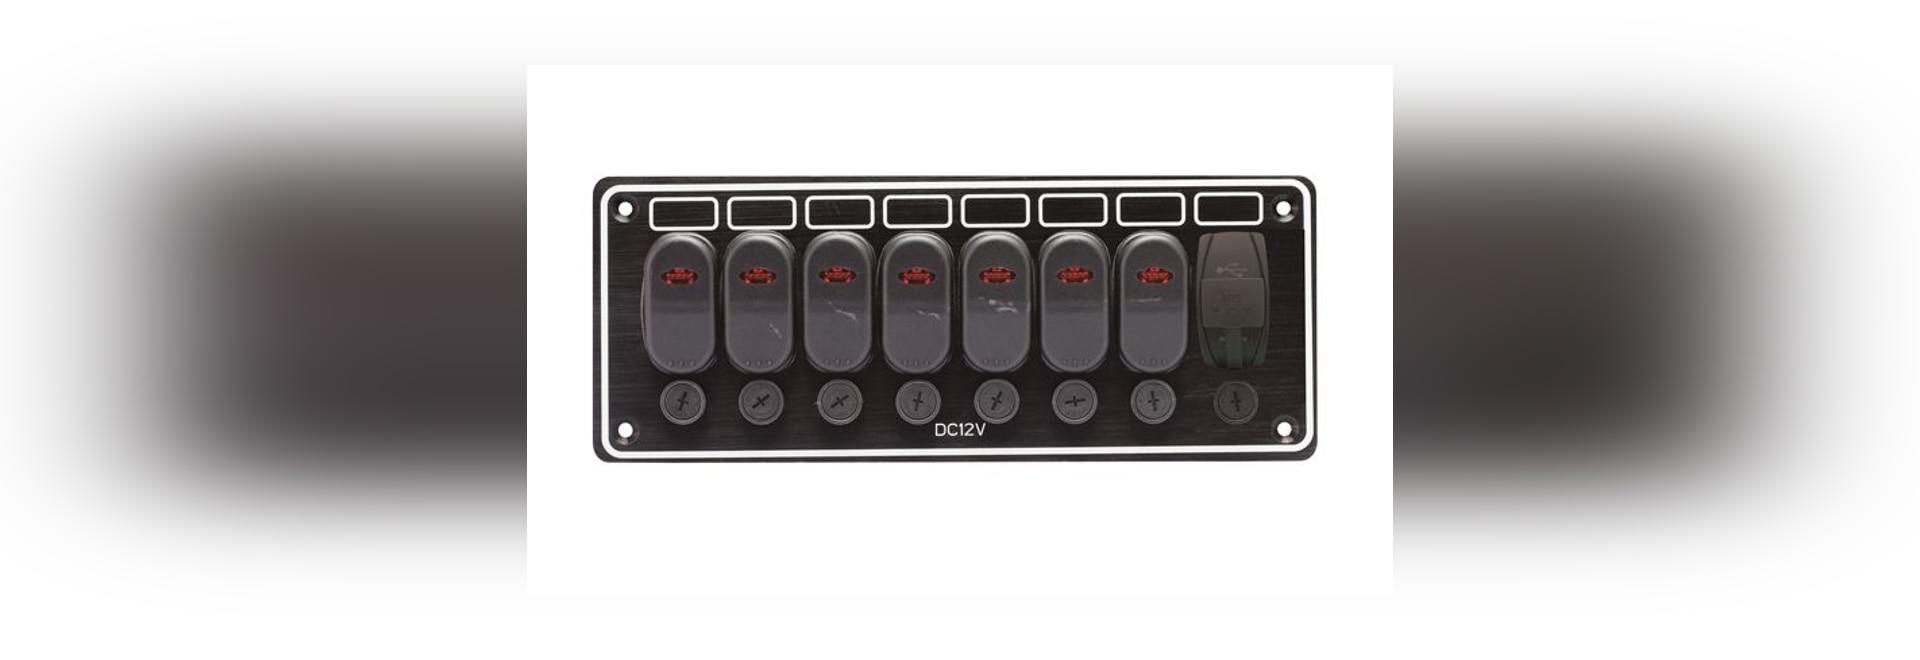 NUEVO: el panel del interruptor del barco por EMPRESAS MUNDIALES LTD. del AAA